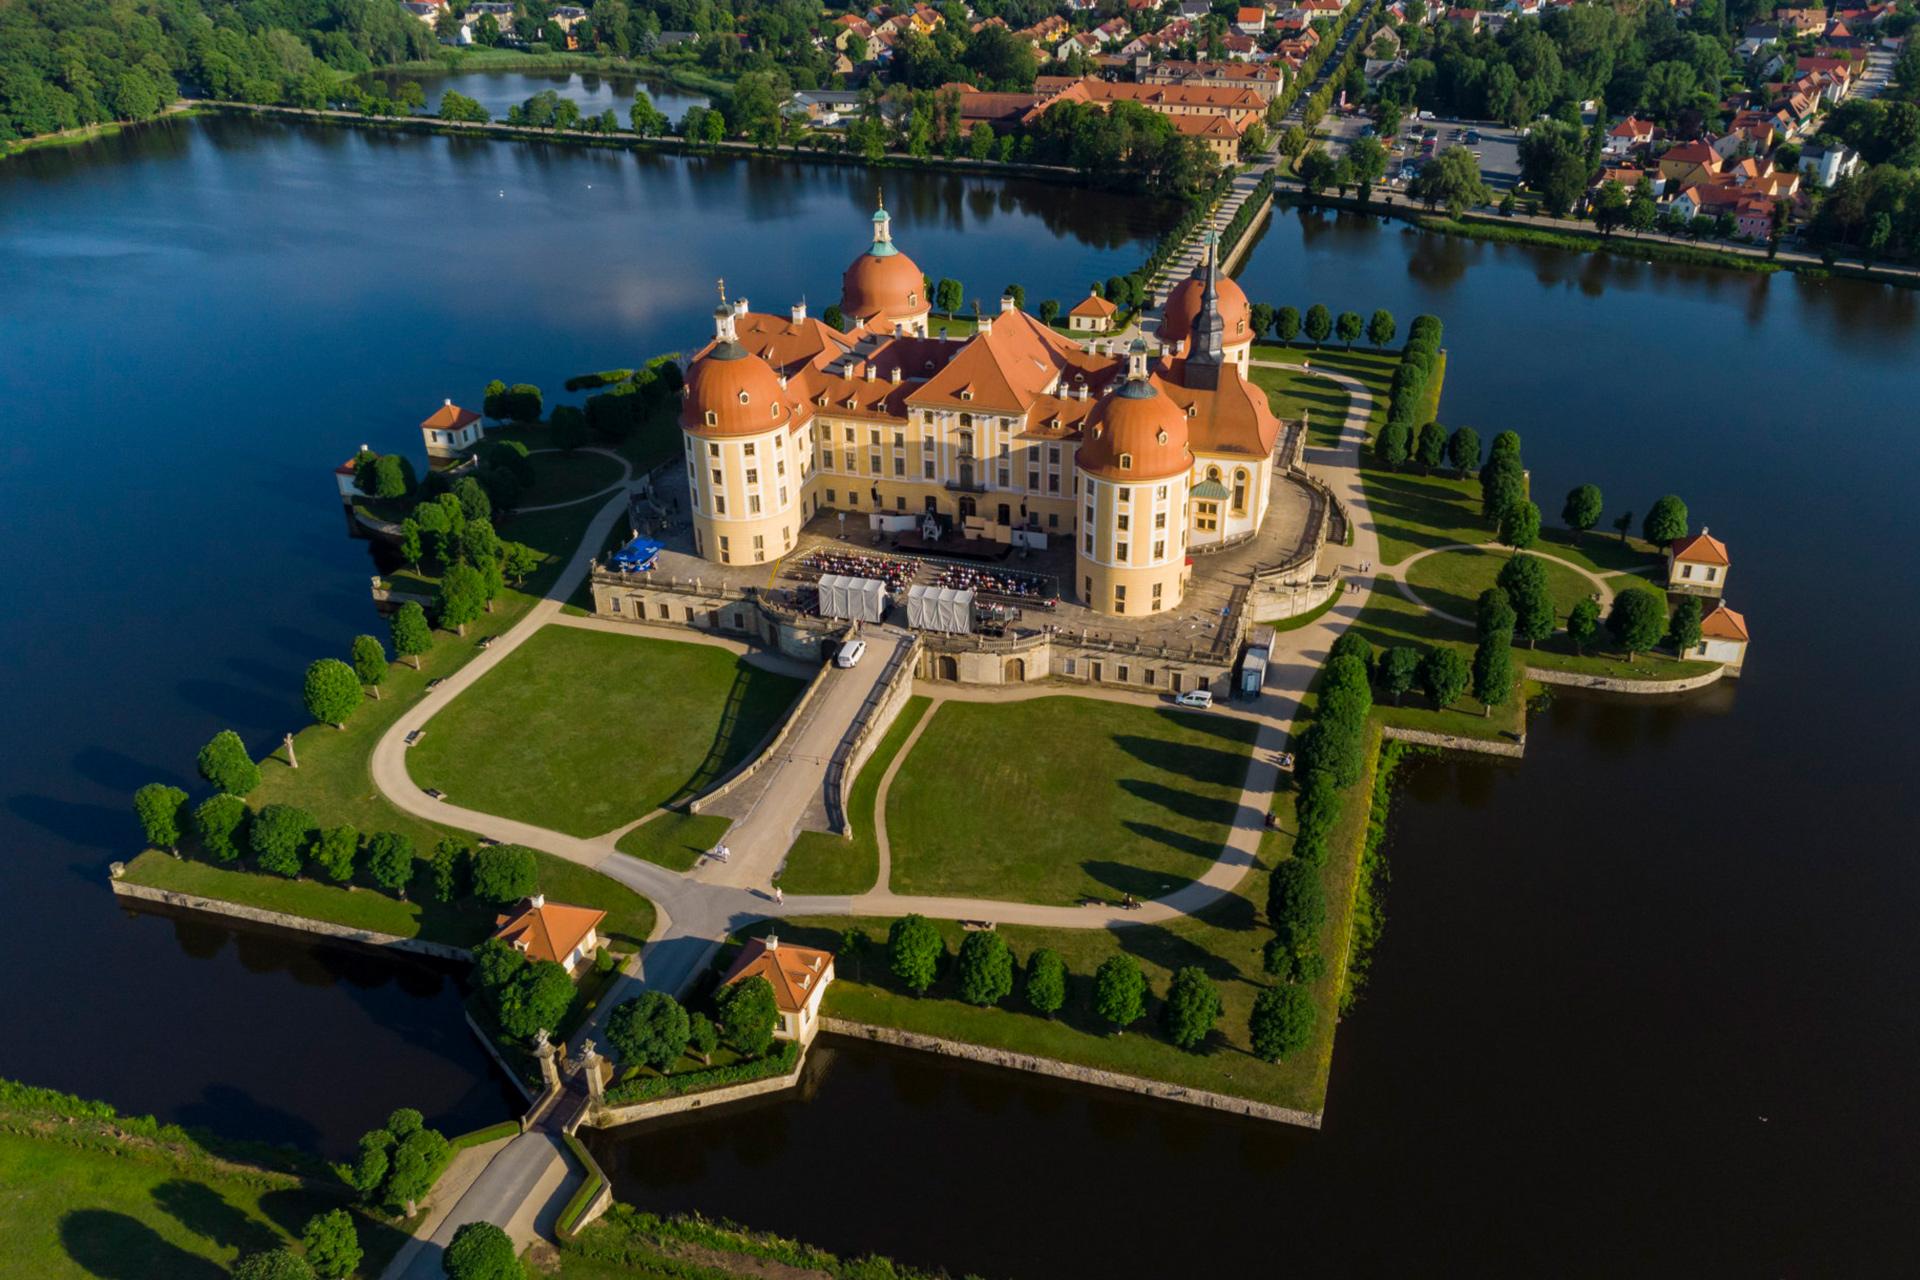 Landesbühnen Sachsen - Spielstätte Schloss Moritzburg von oben